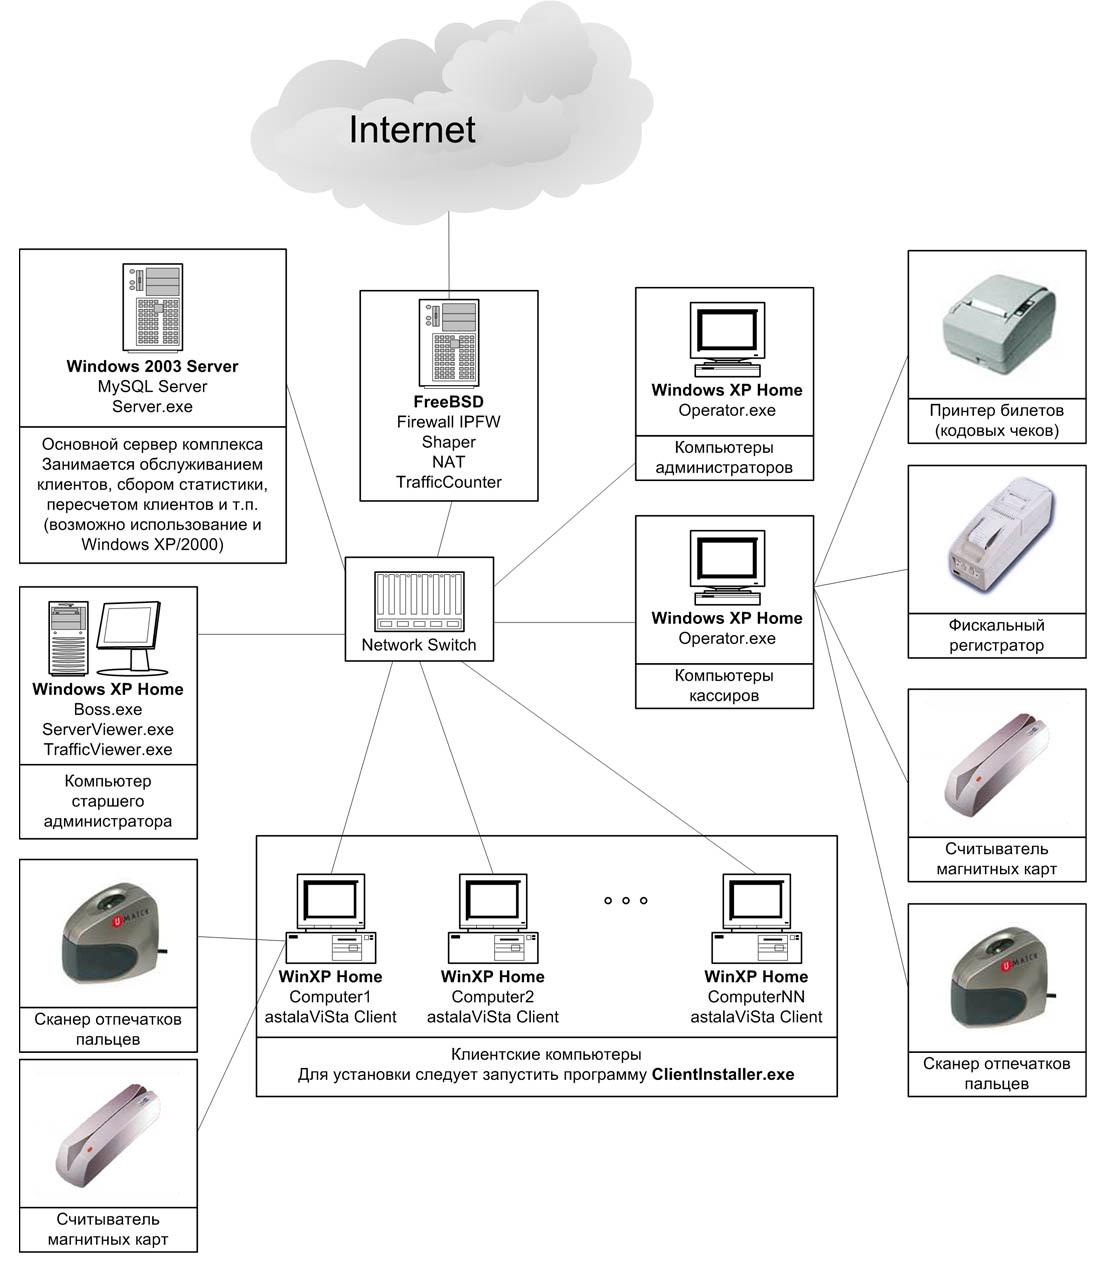 Рекомендуемое нами размещение ПО комплекса по компьютерам клуба можно представить в виде блок-схемы.